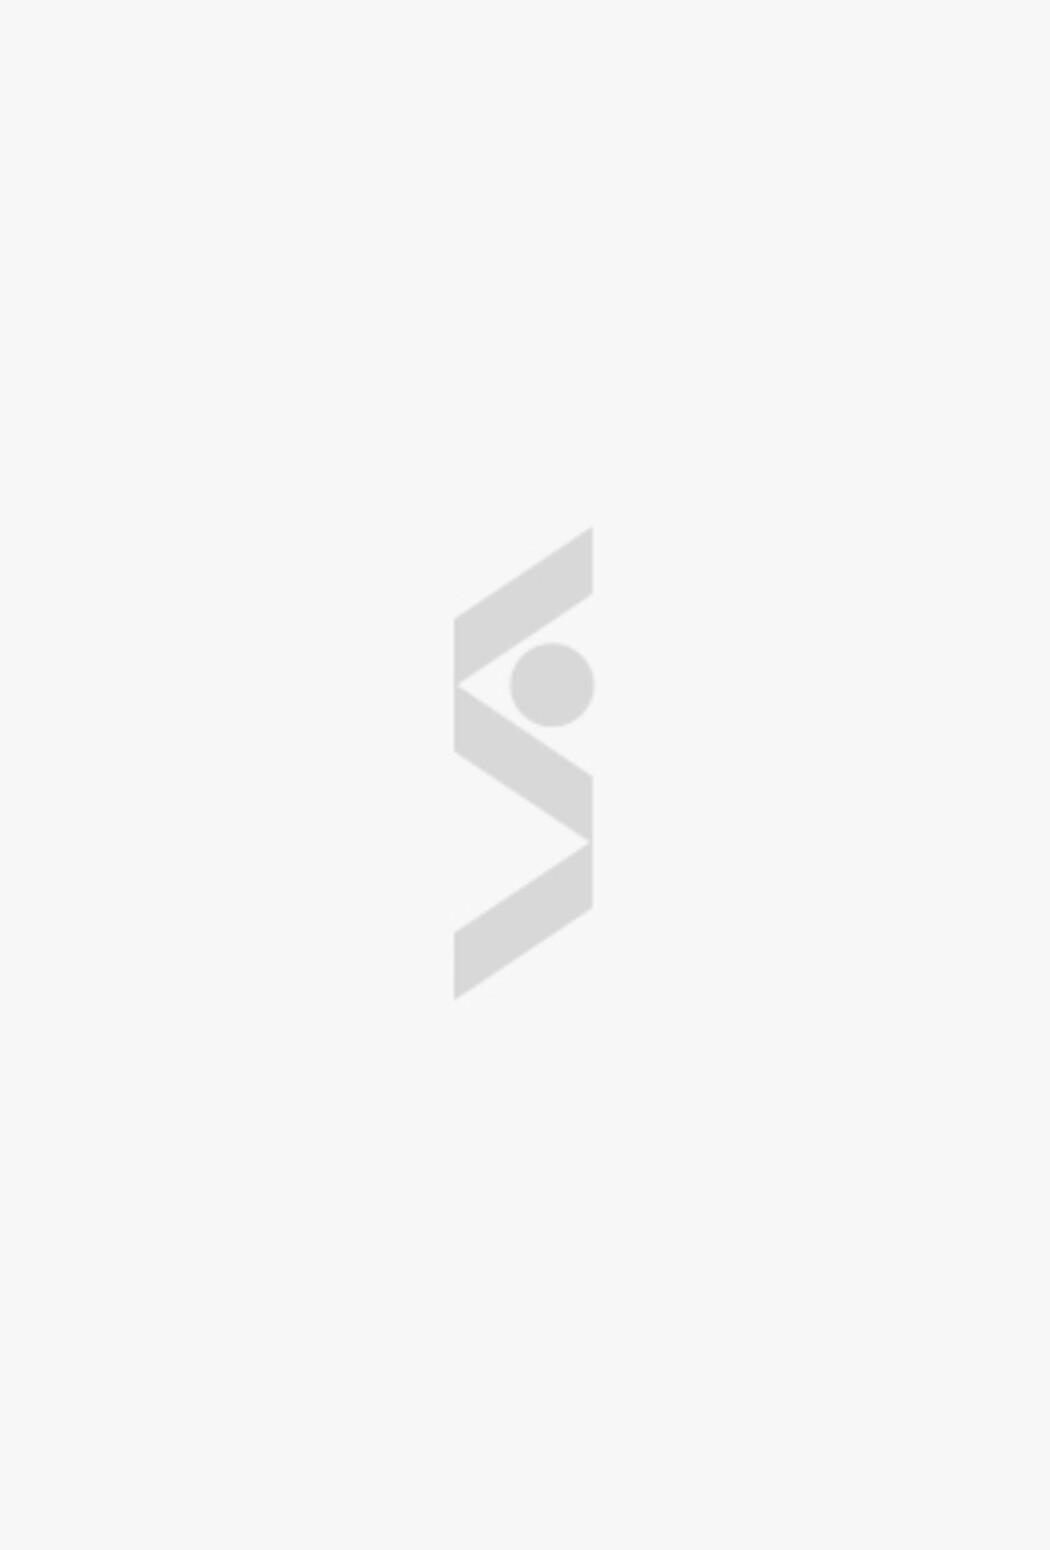 Джинсы straight fit Esprit Casual - скоро в продаже в интернет-магазине СТОКМАНН в Москве